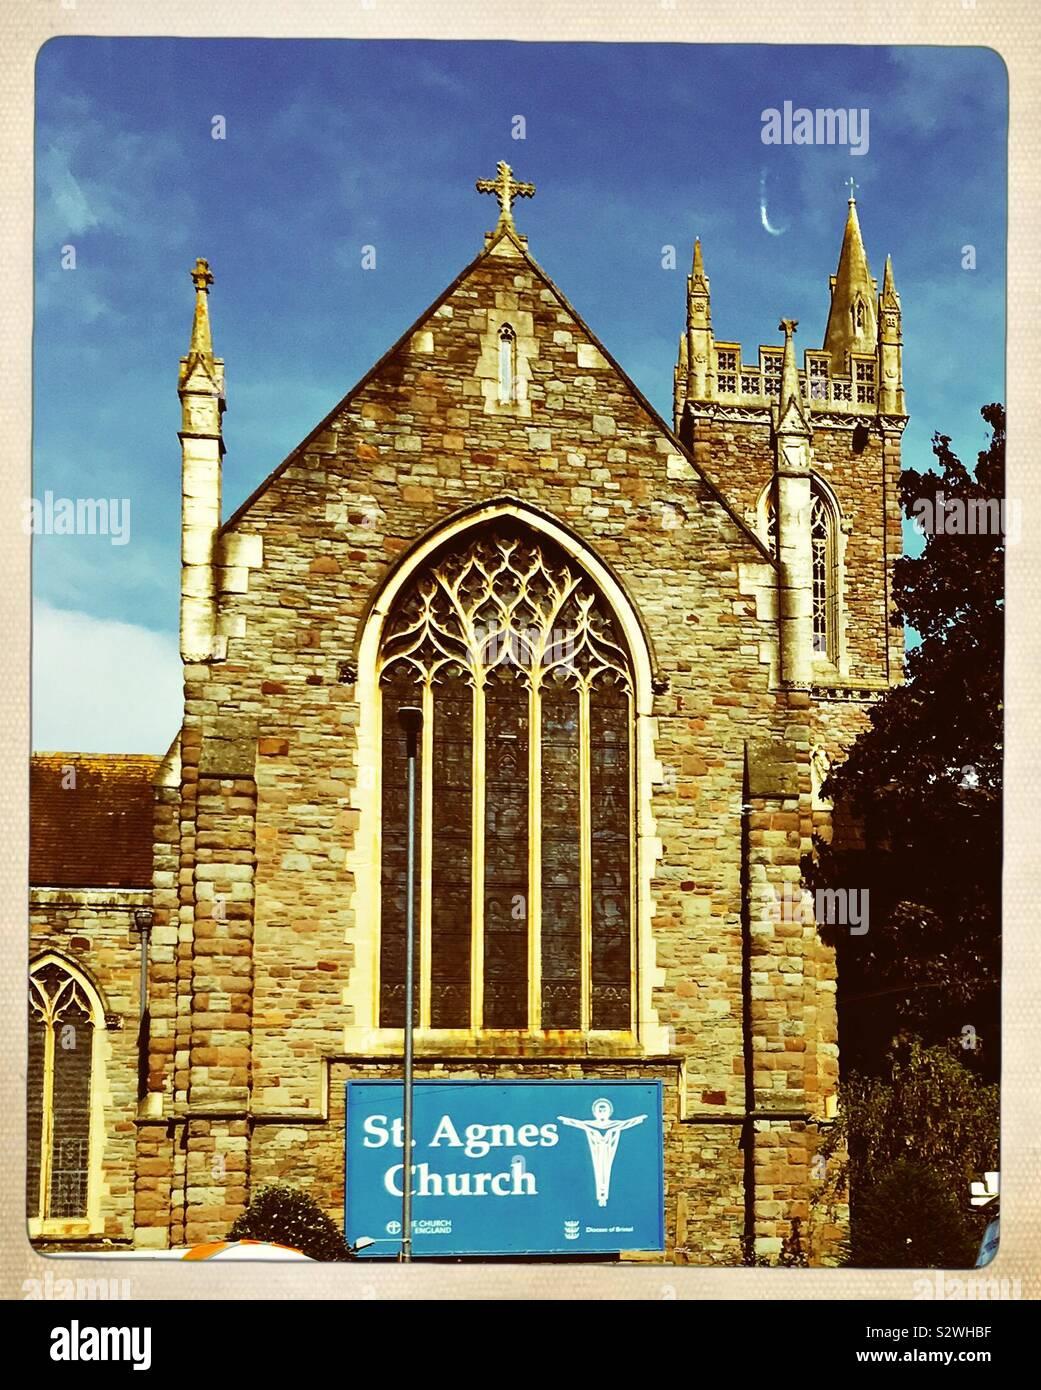 Saint Agnes Church Stock Photos & Saint Agnes Church Stock